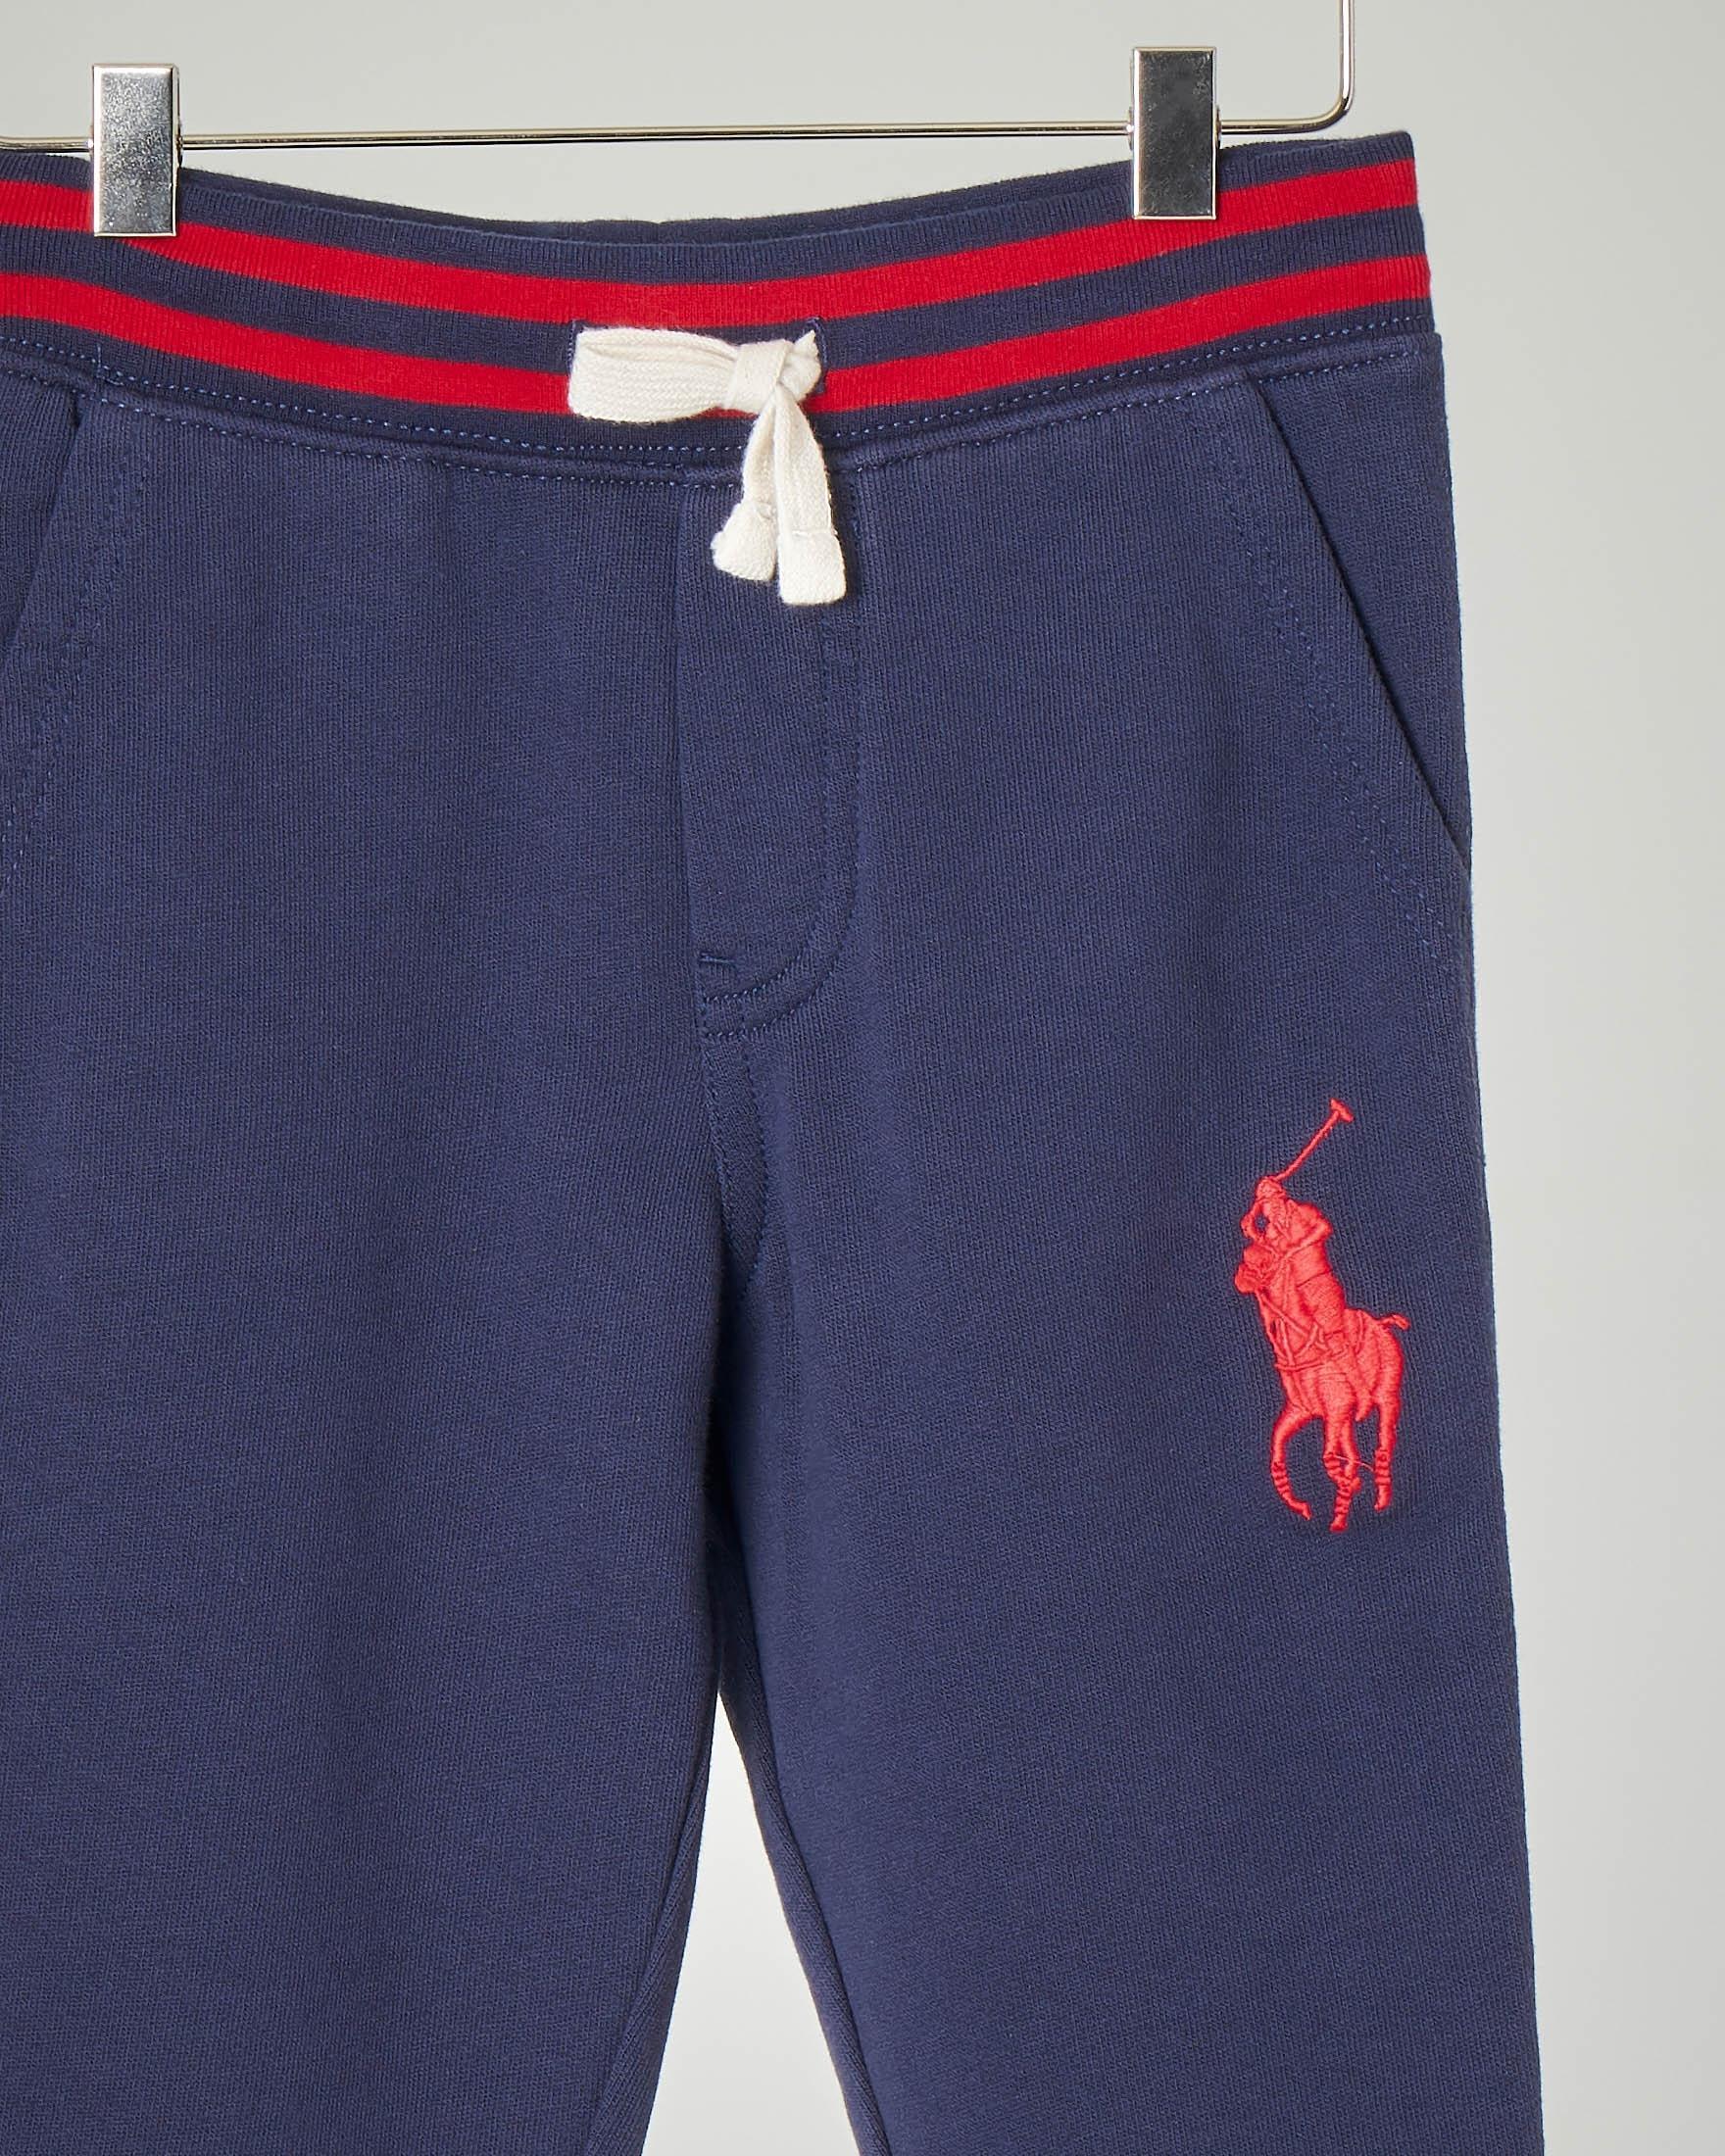 Pantalone blu in felpa con big-pony rosso ricamato 2-6 anni